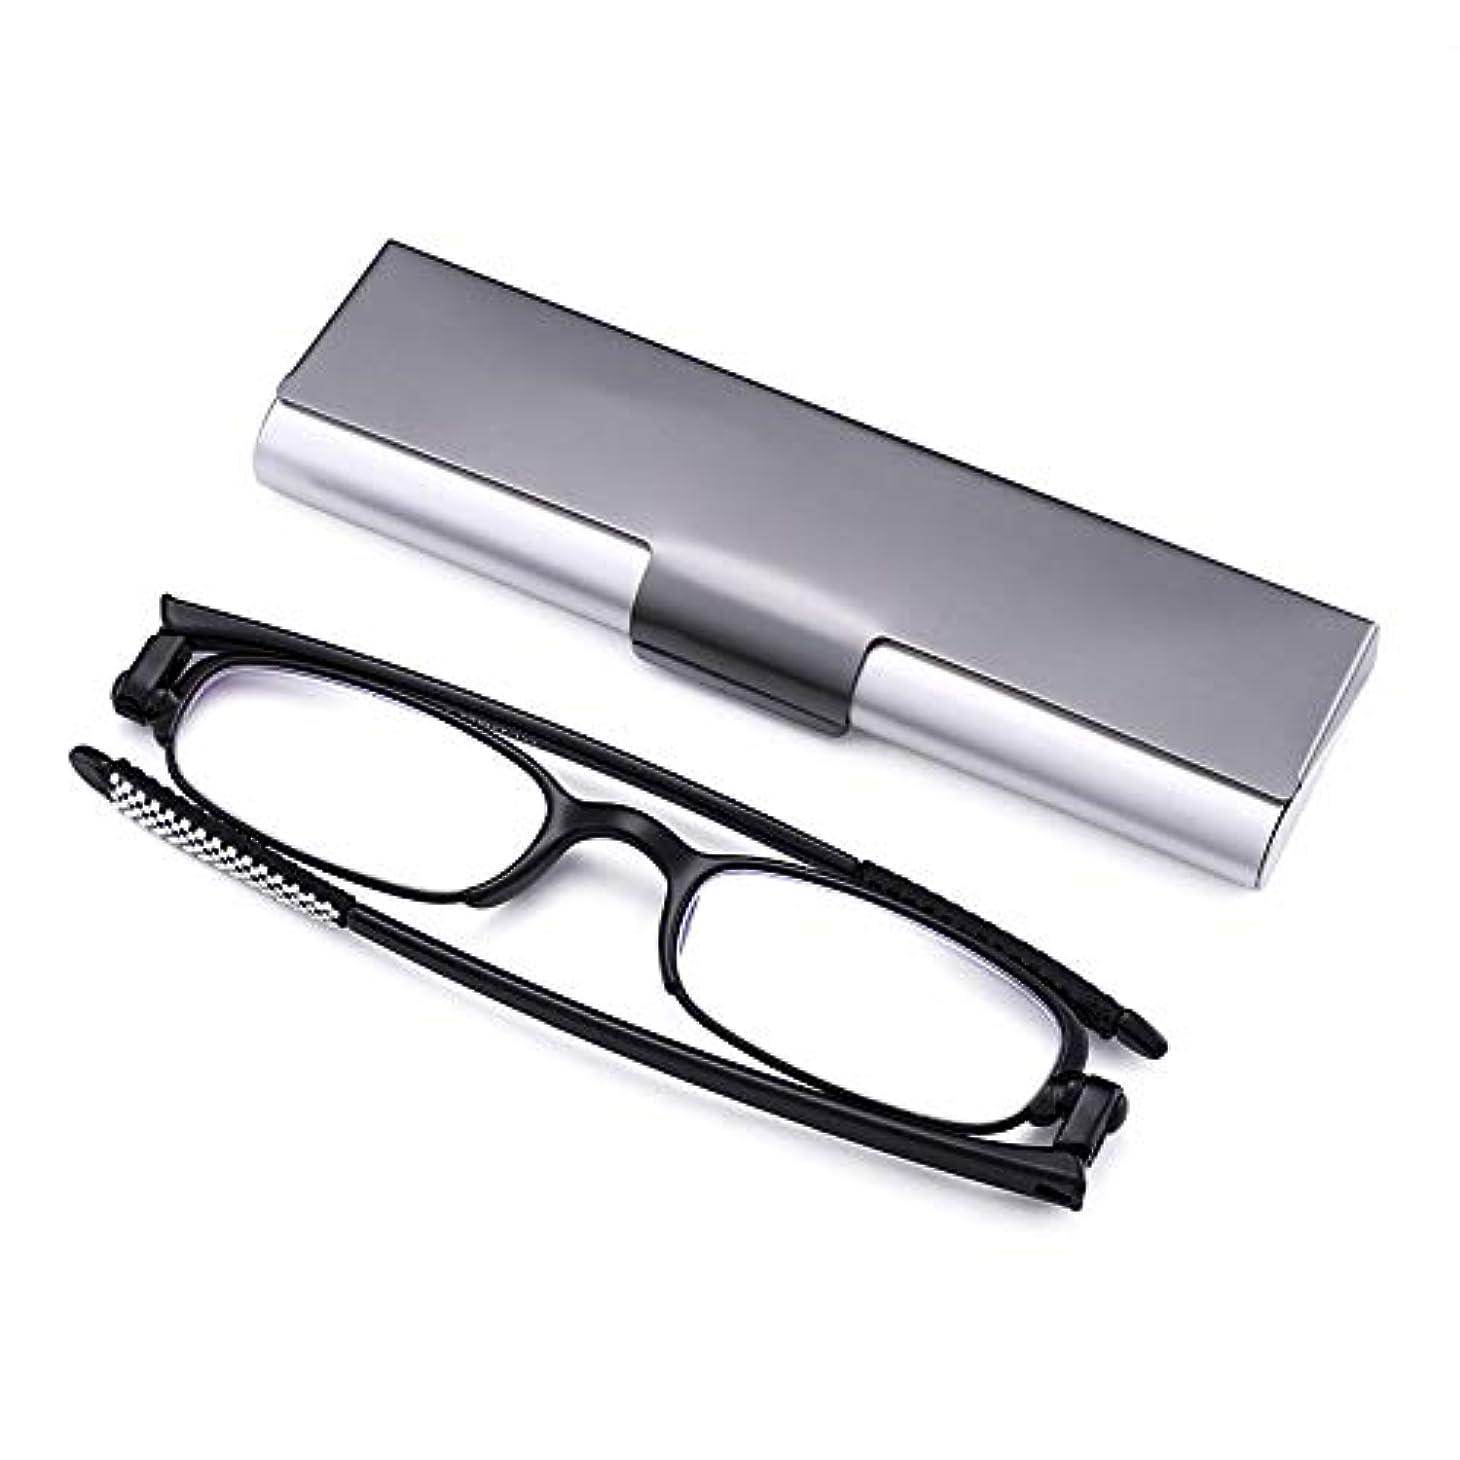 男性と女性のための黒のフルフレーム老眼鏡、 耐擦傷性樹脂レンズ 抗疲労ゴーグル、 回転折りたたみ メガネの足、 TR90ヒンジ付きメガネ、 老眼に適して